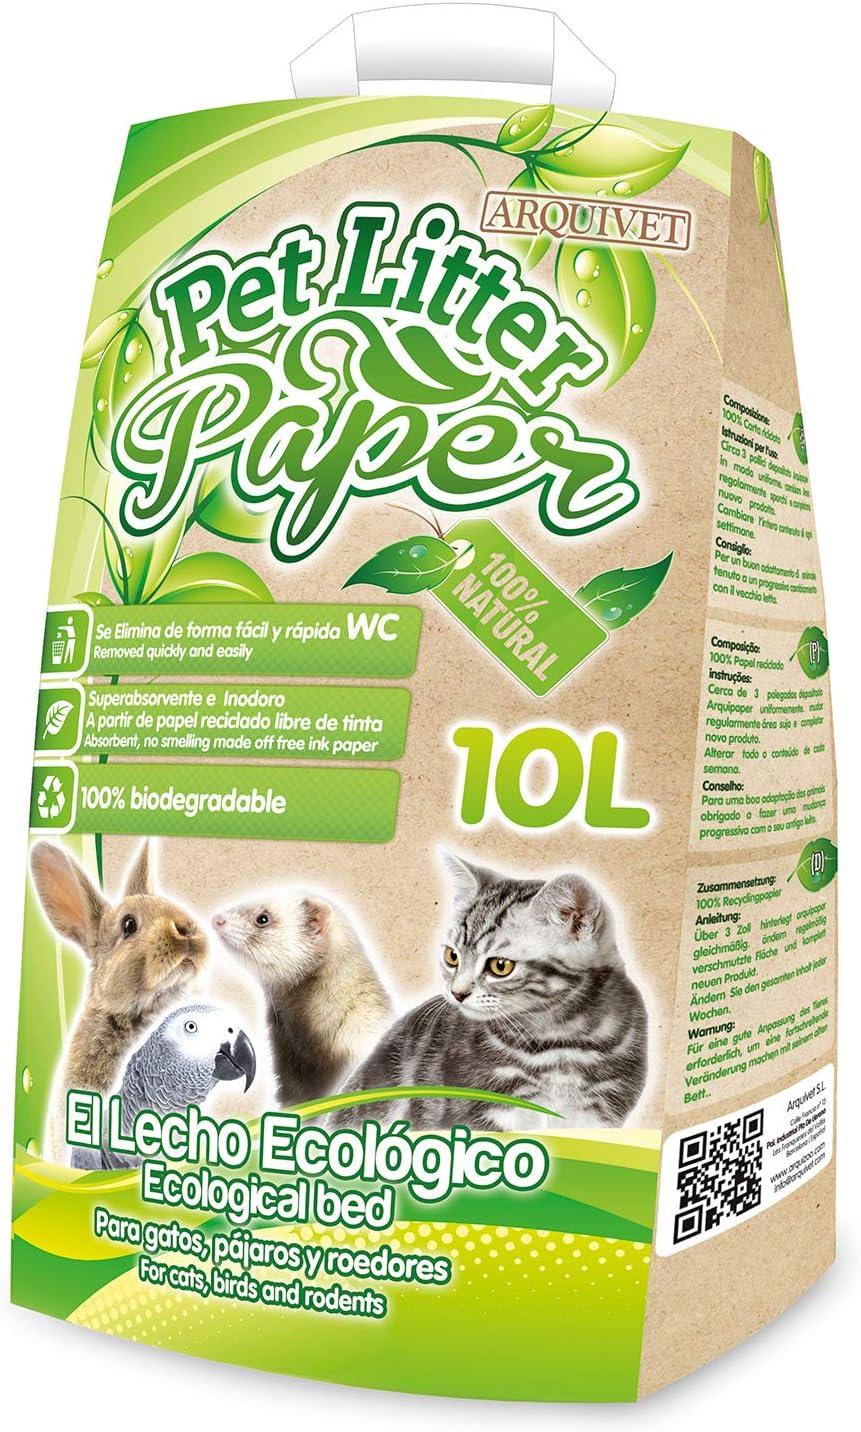 Arquivet 8435117840003 Pet Litter Paper 10l